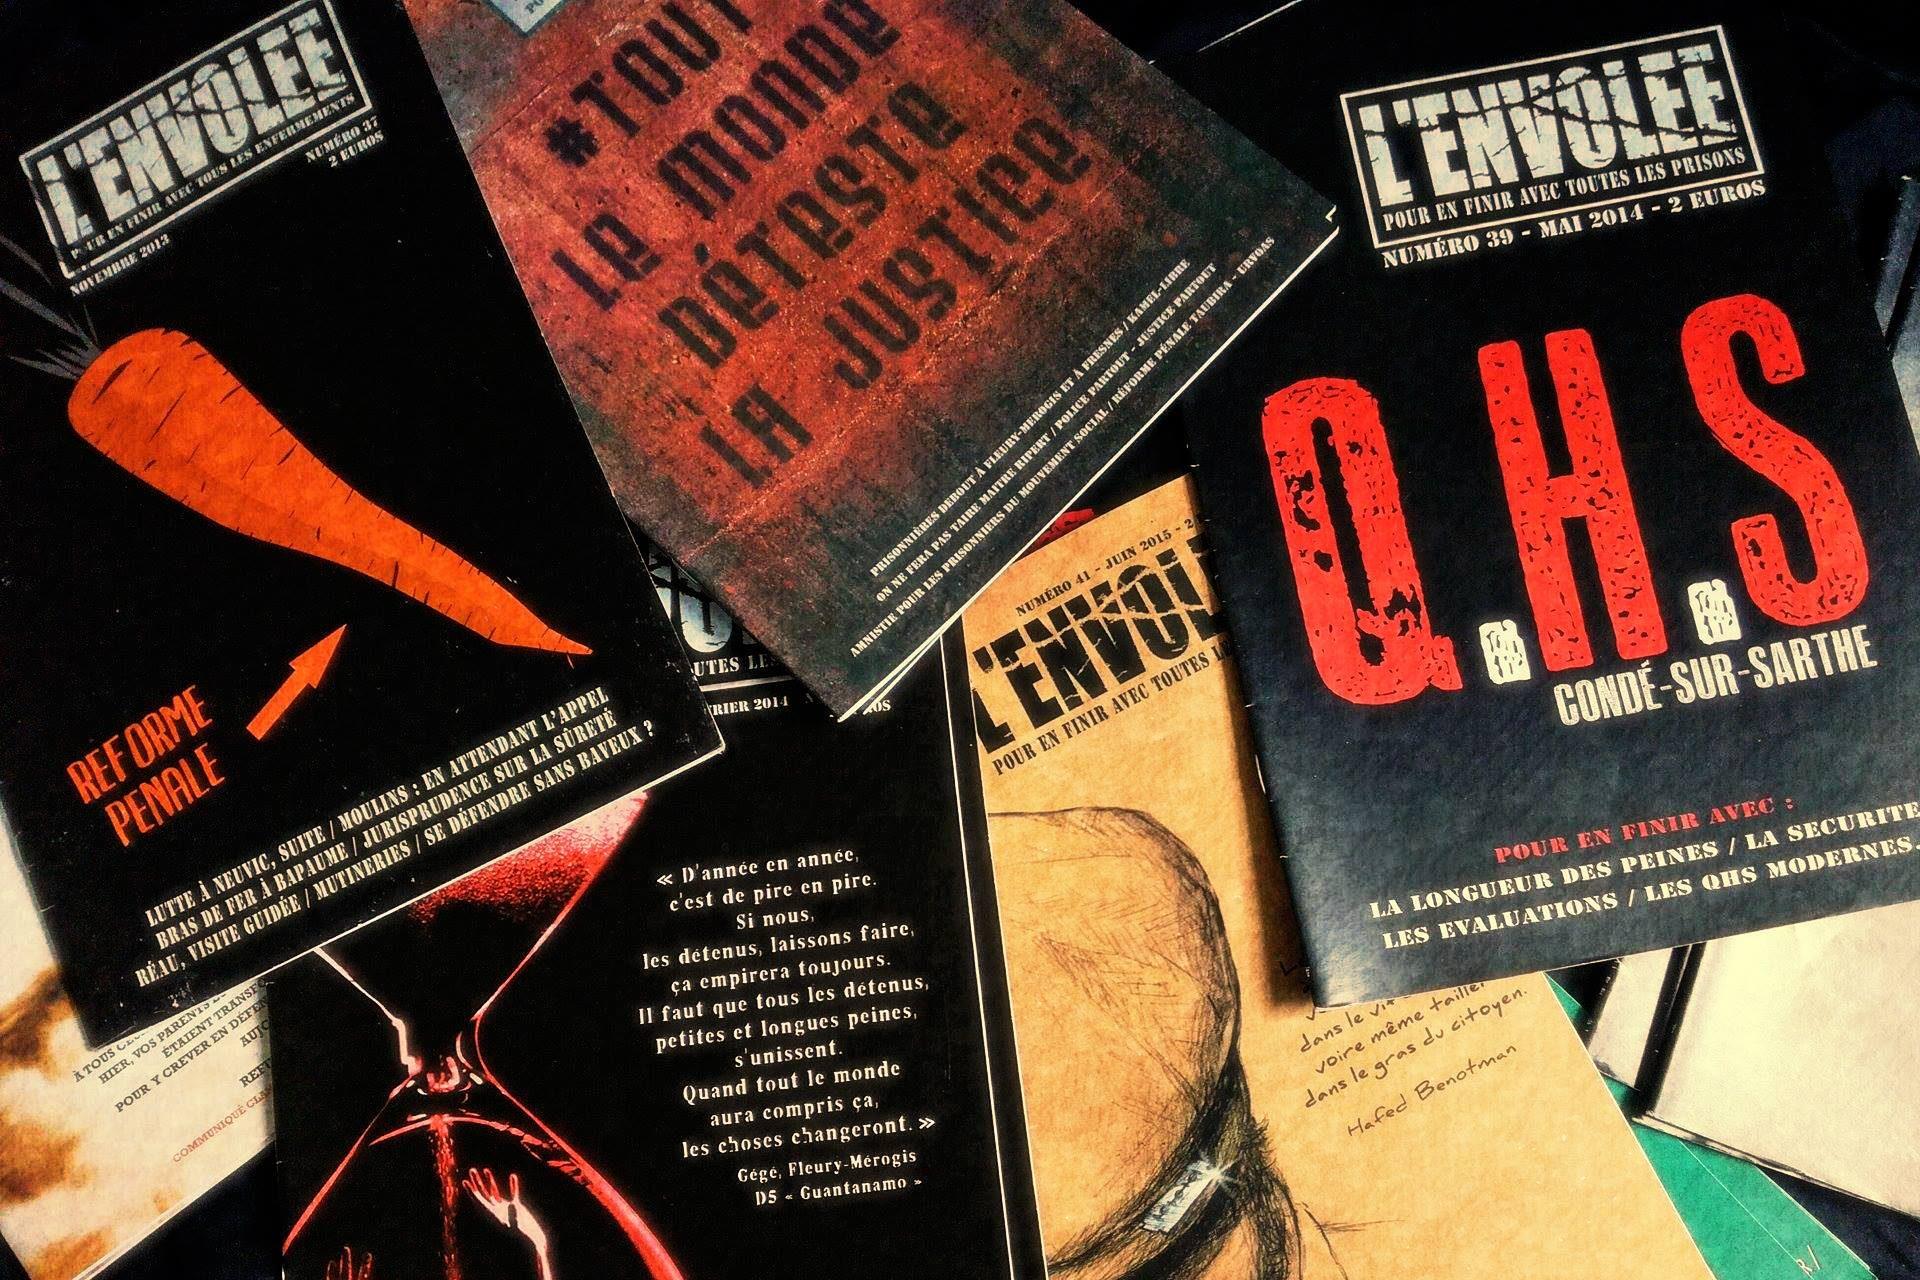 200326 - L'Envolée Journal couverture Facebook - La Déviation